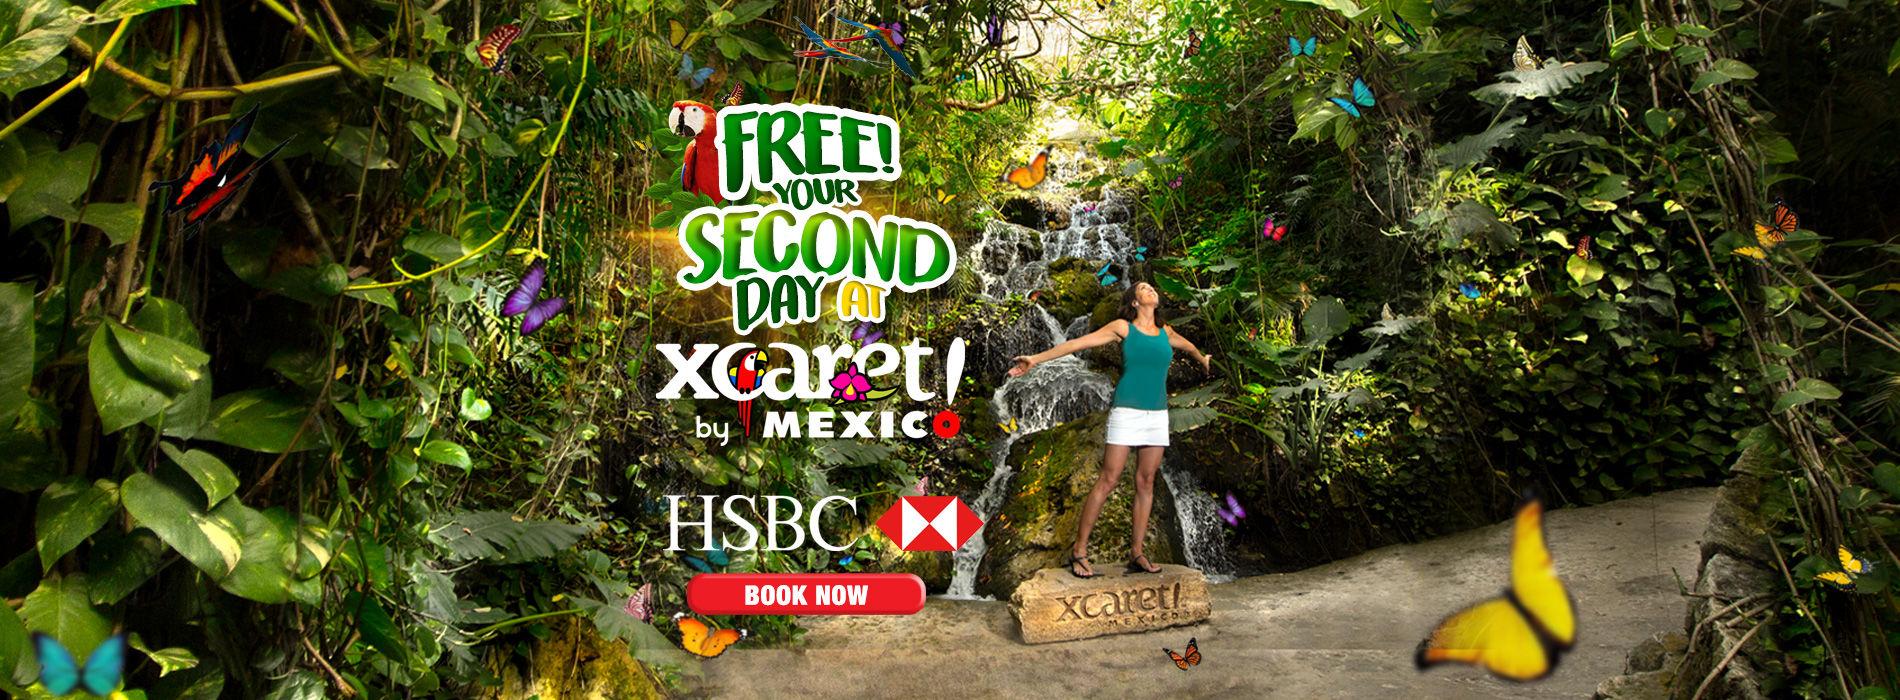 墨西哥西卡莱特公园